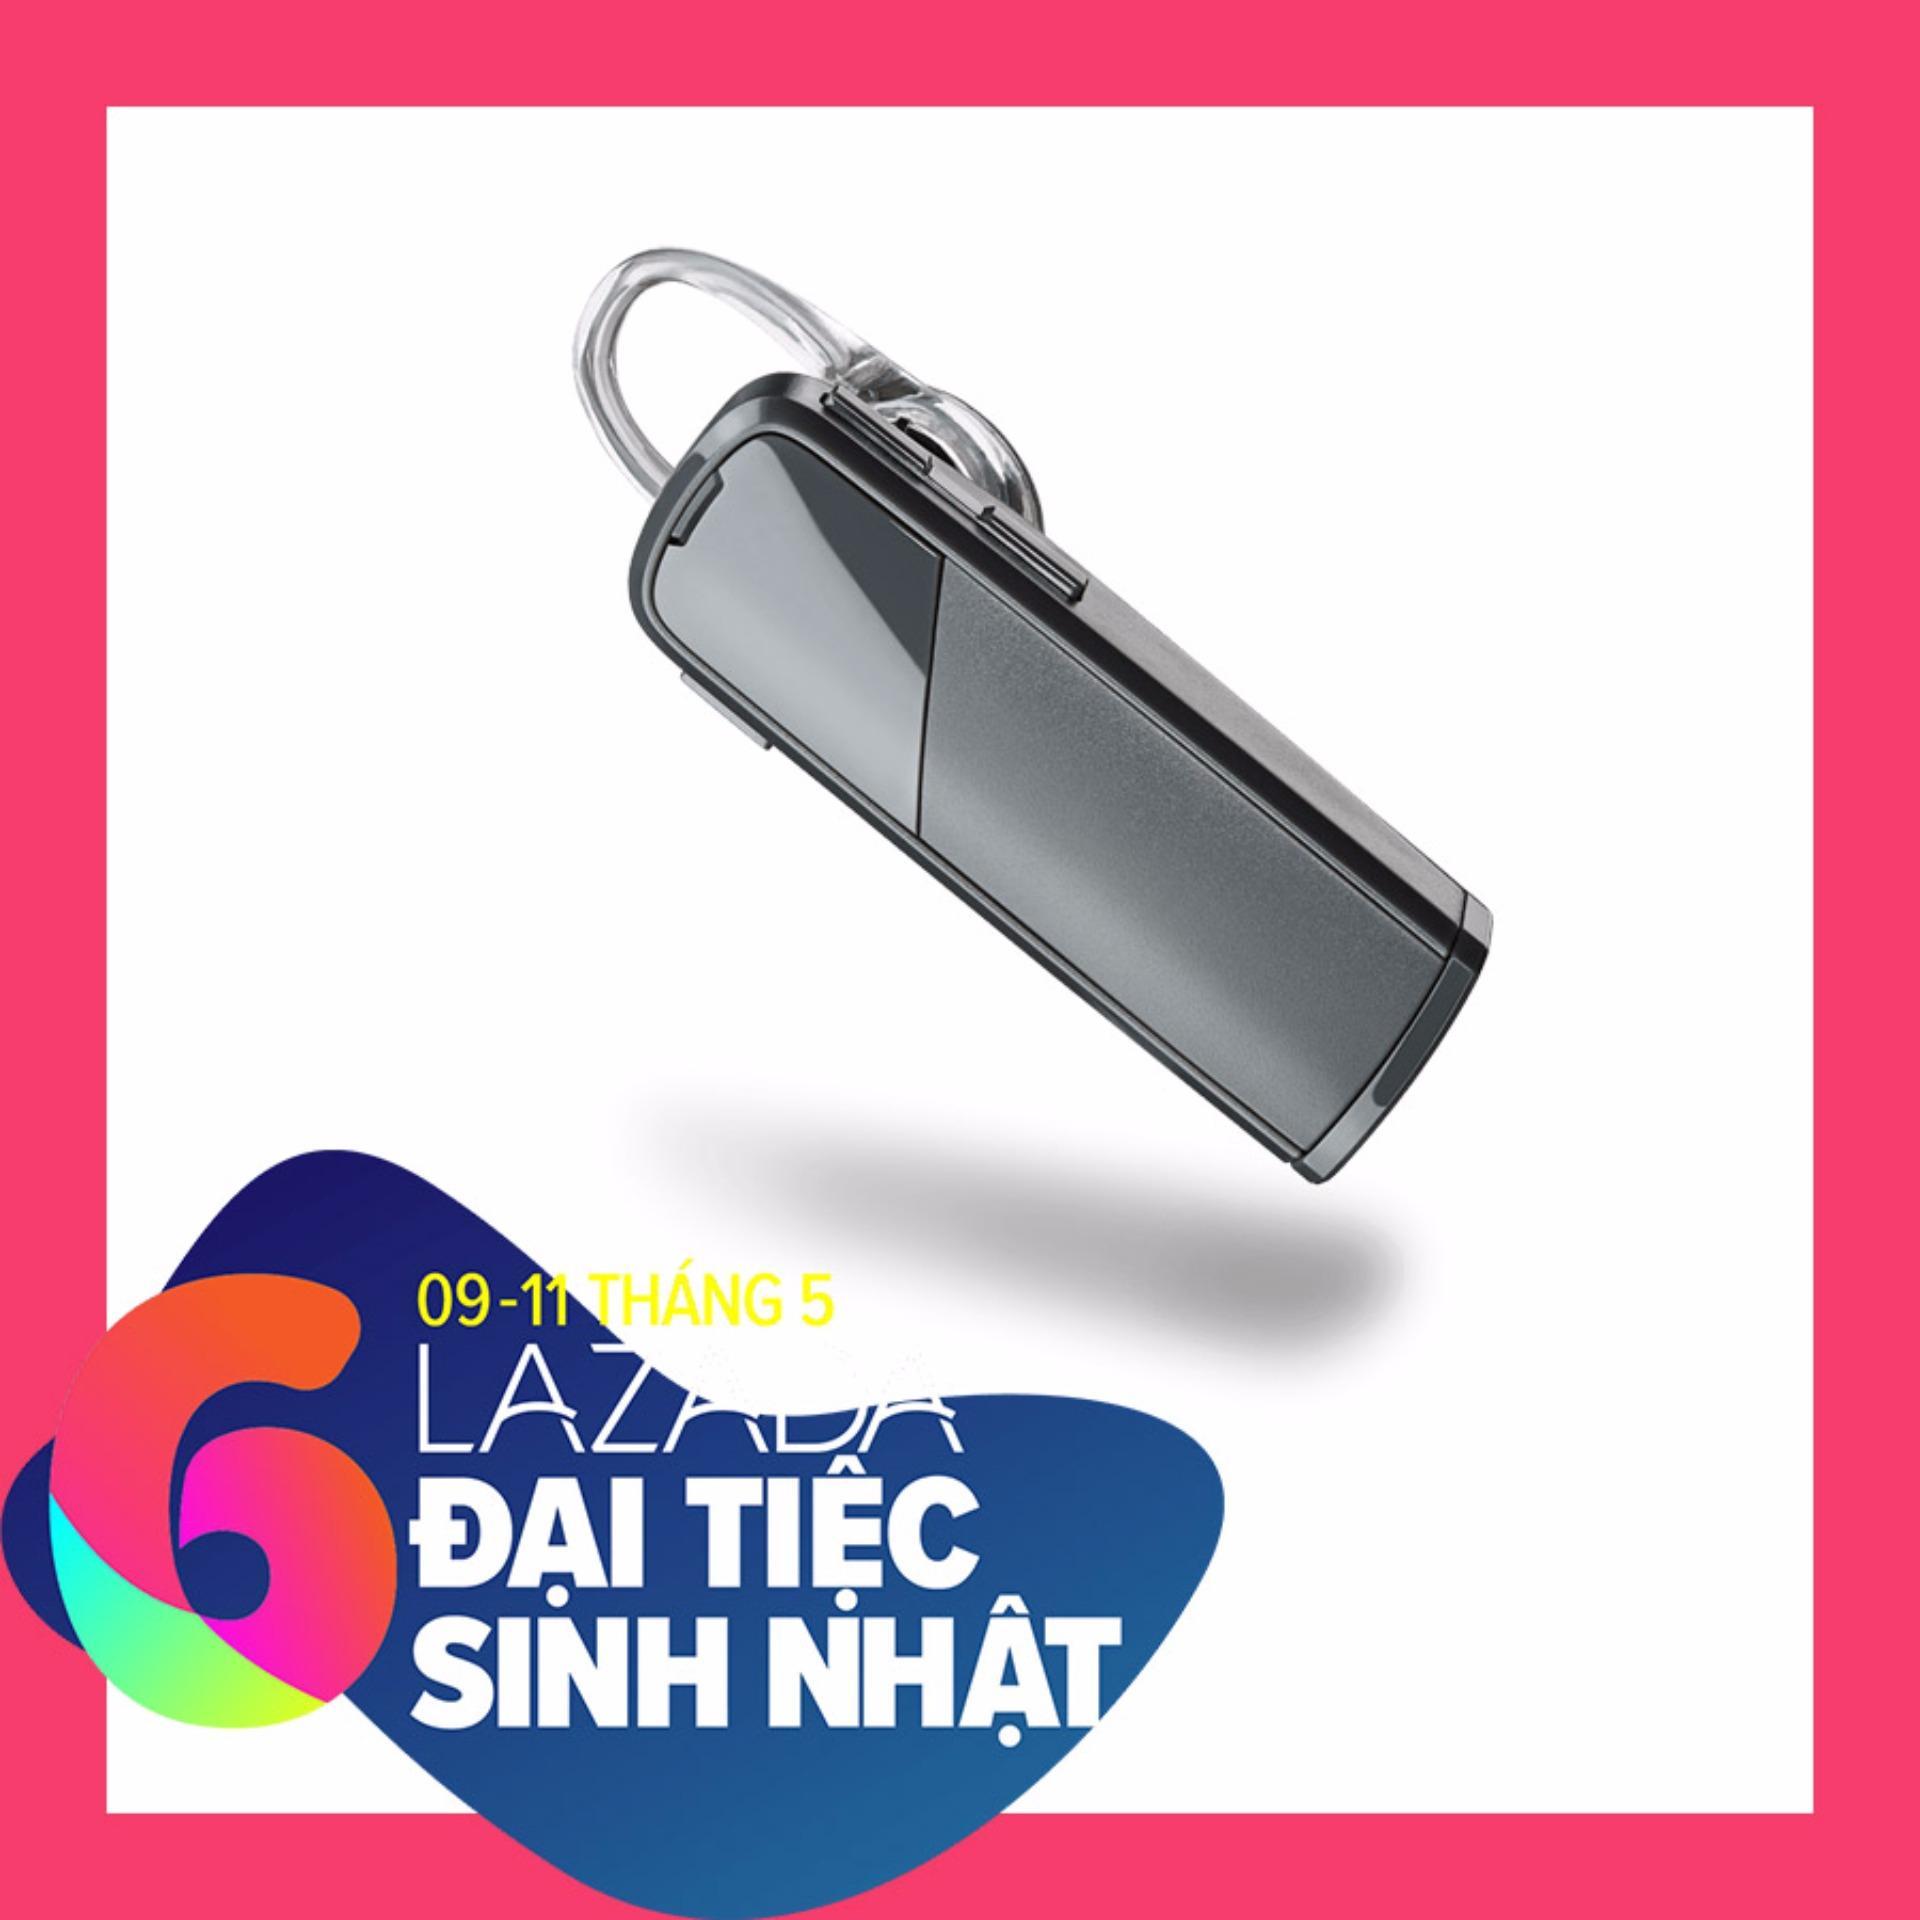 Chiết Khấu Tai Nghe Bluetooth Plantronics Explorer 80 Hà Nội